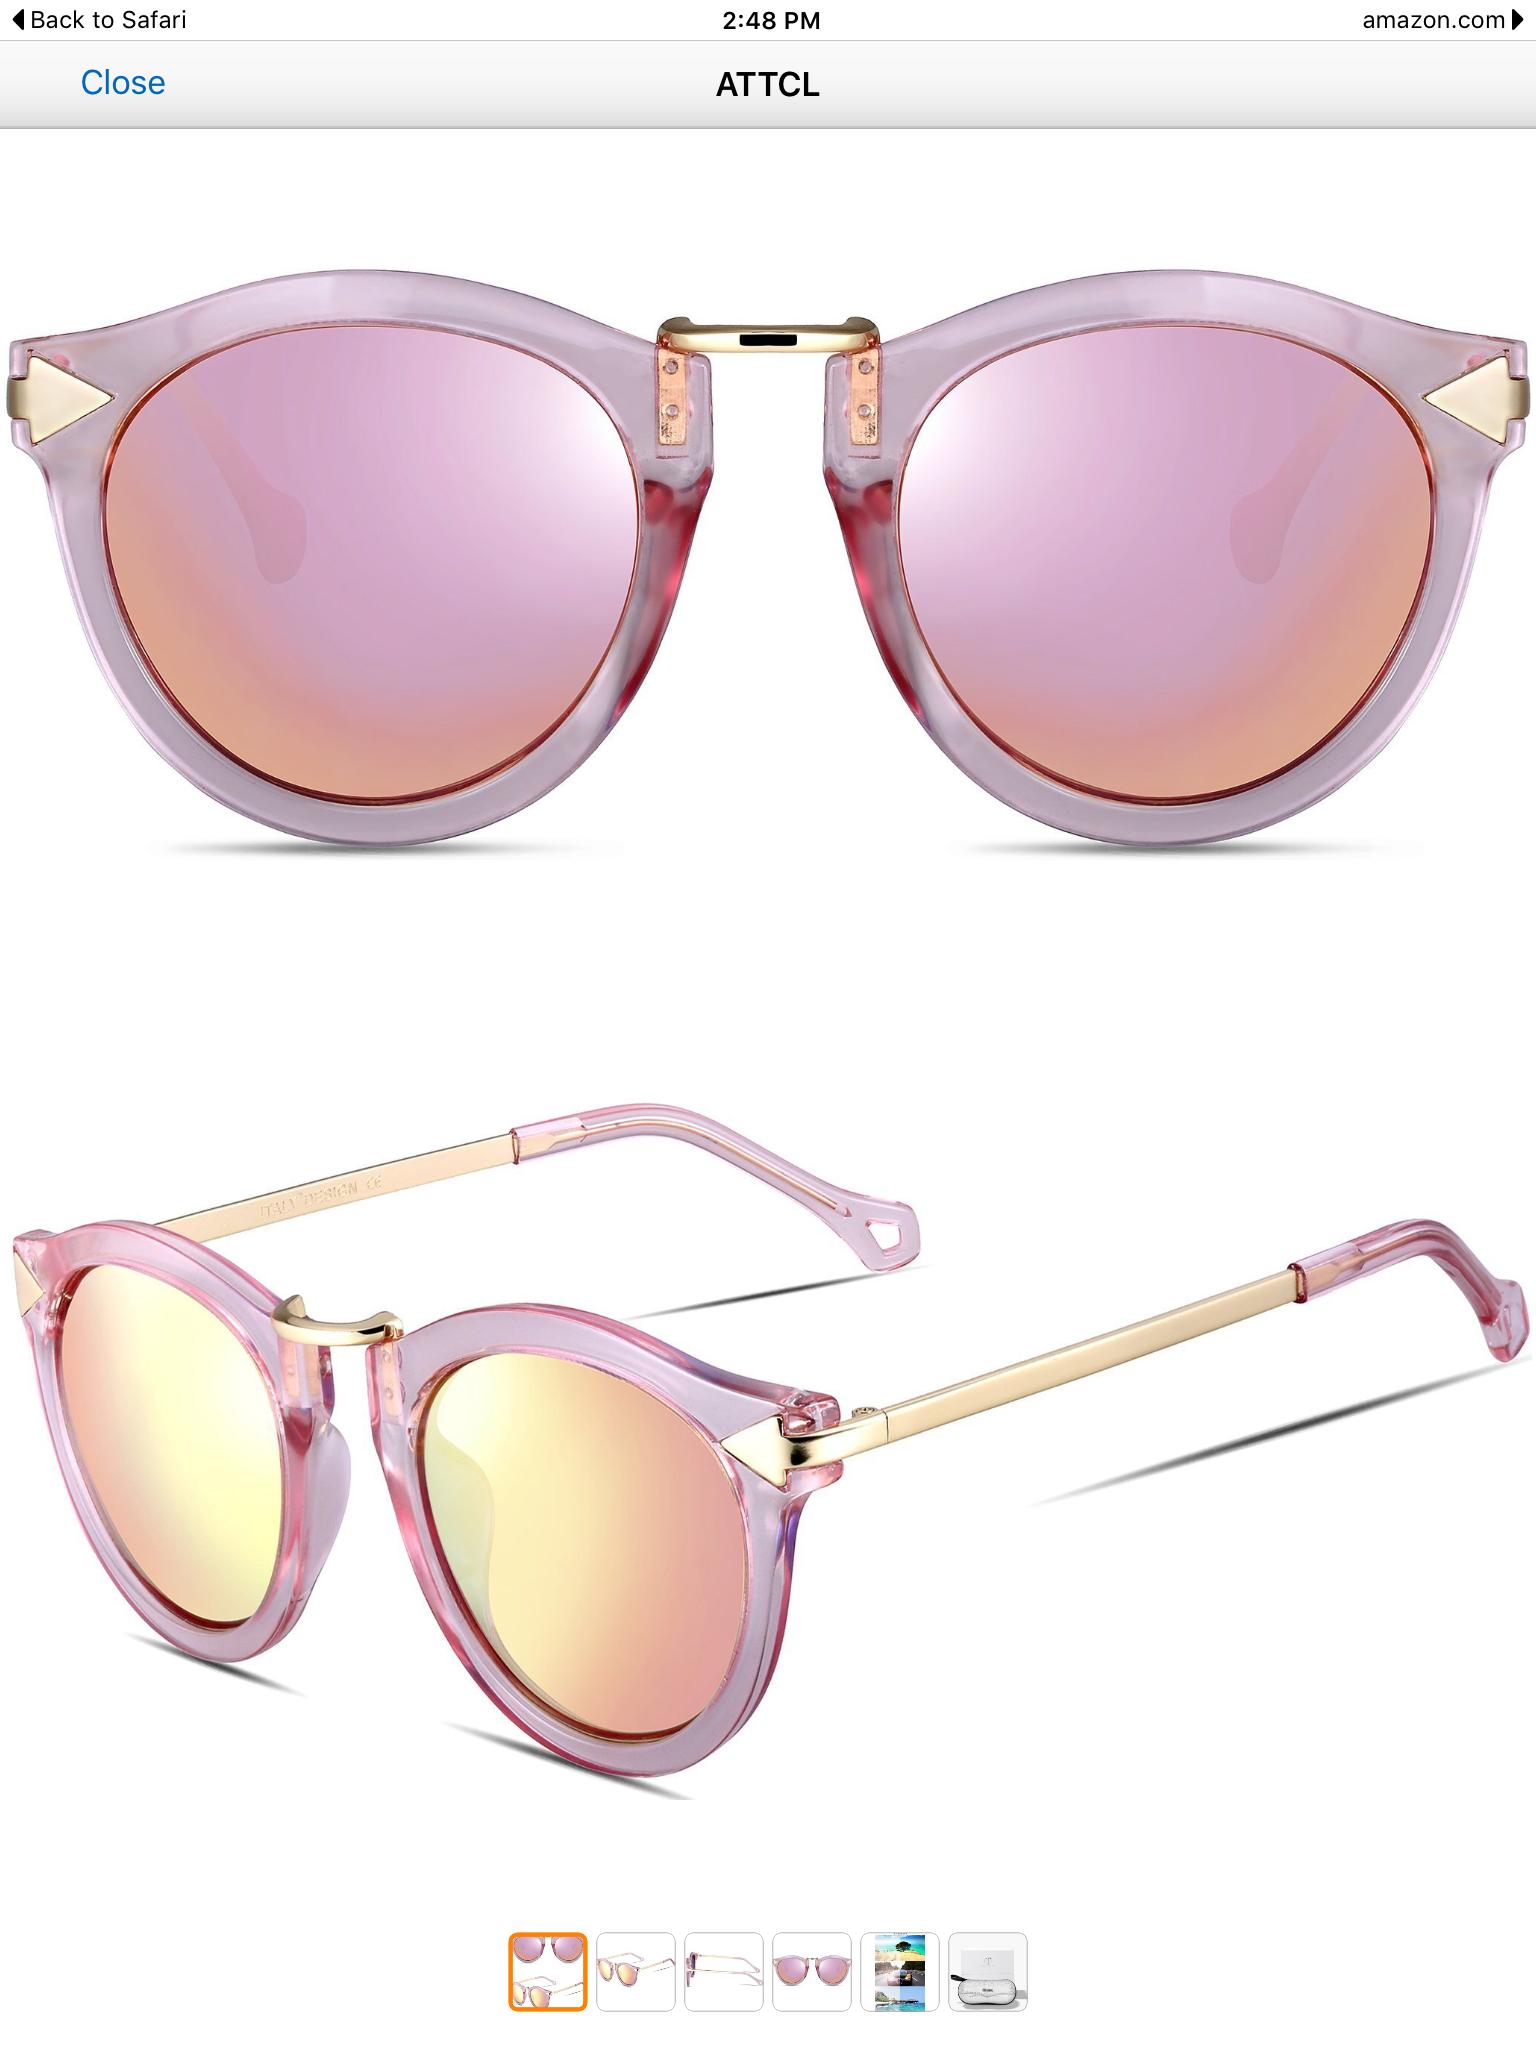 4f5ae5c3bbe ATTCL Sunglasses